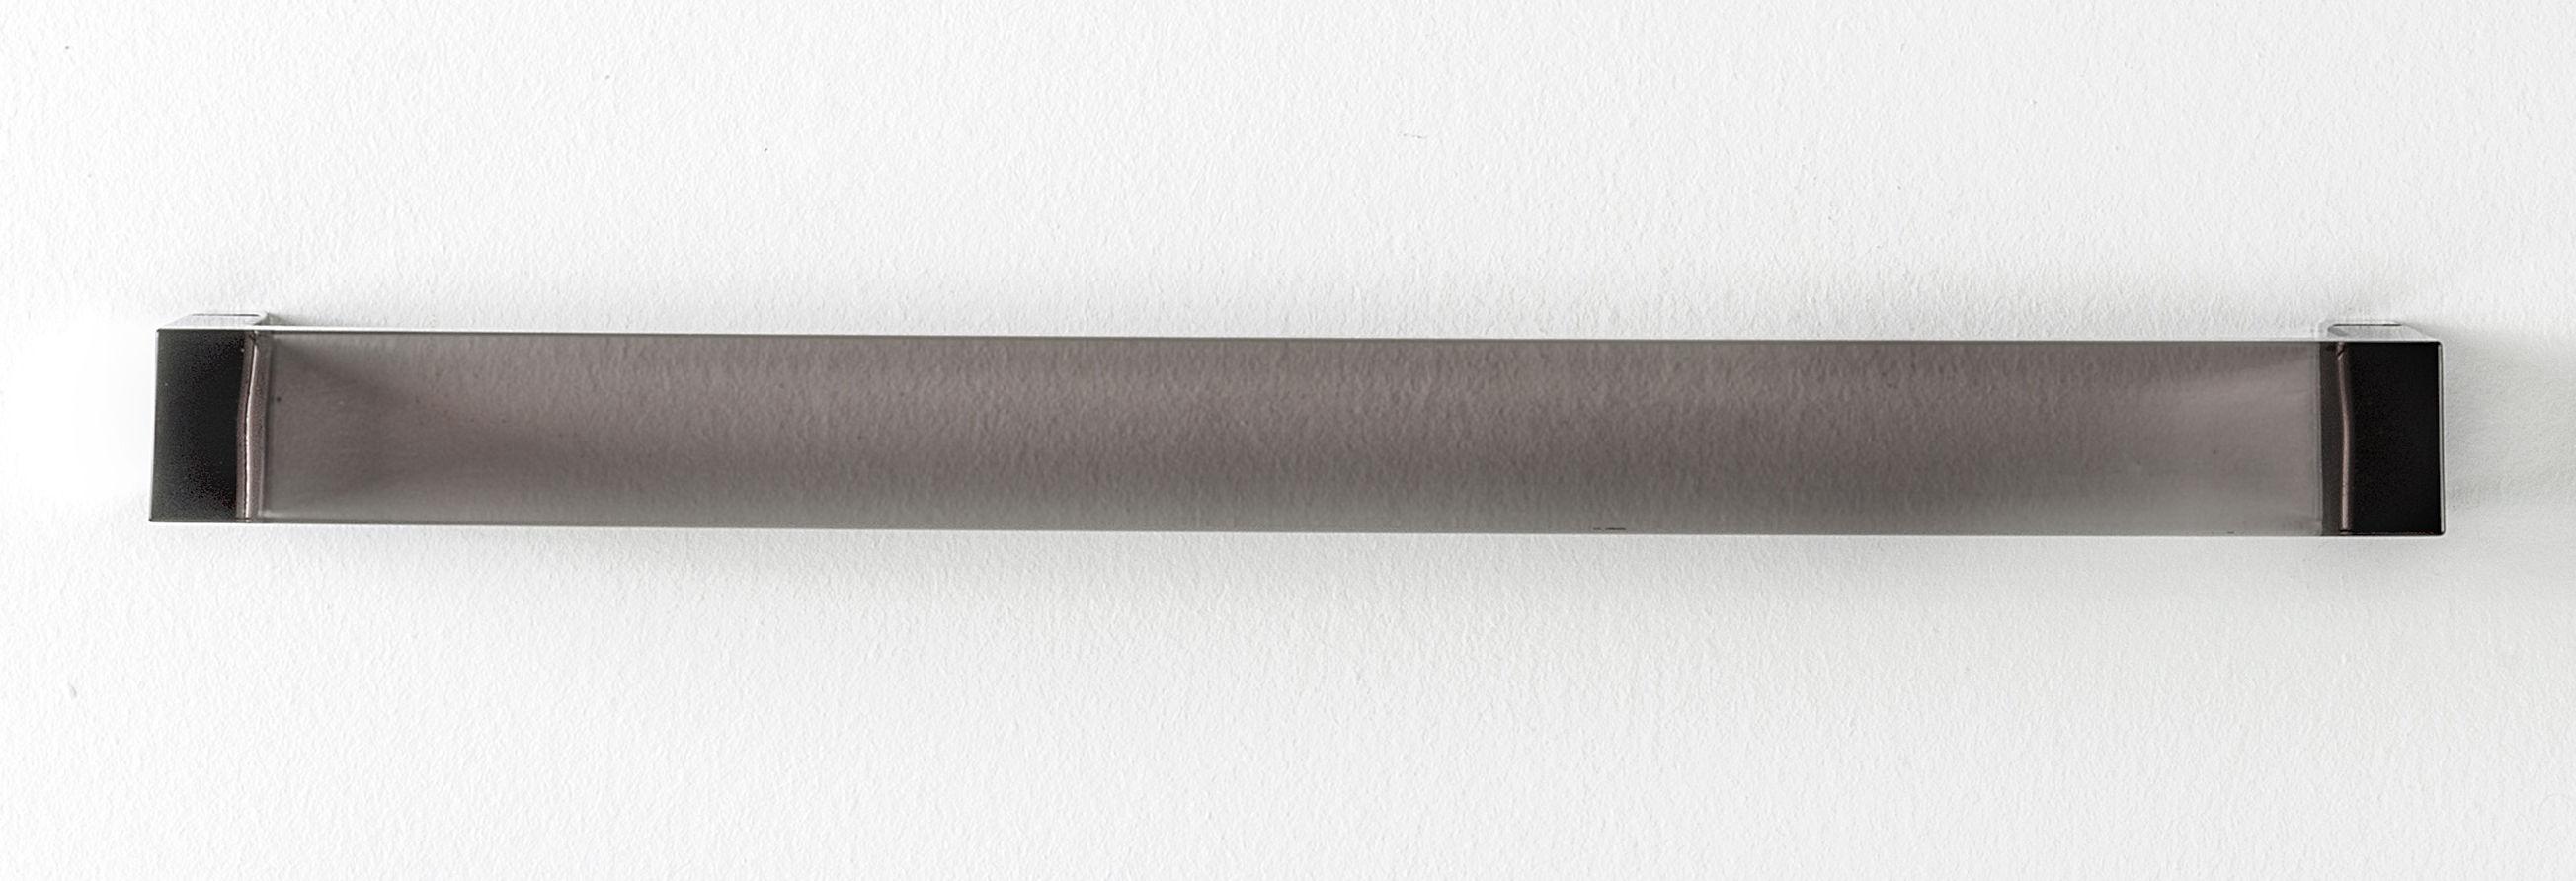 Accessoires - Accessoires für das Bad - Rail Wandtuchhalter / L 45 cm - Kartell - Rauchglas-Optik - PMMA